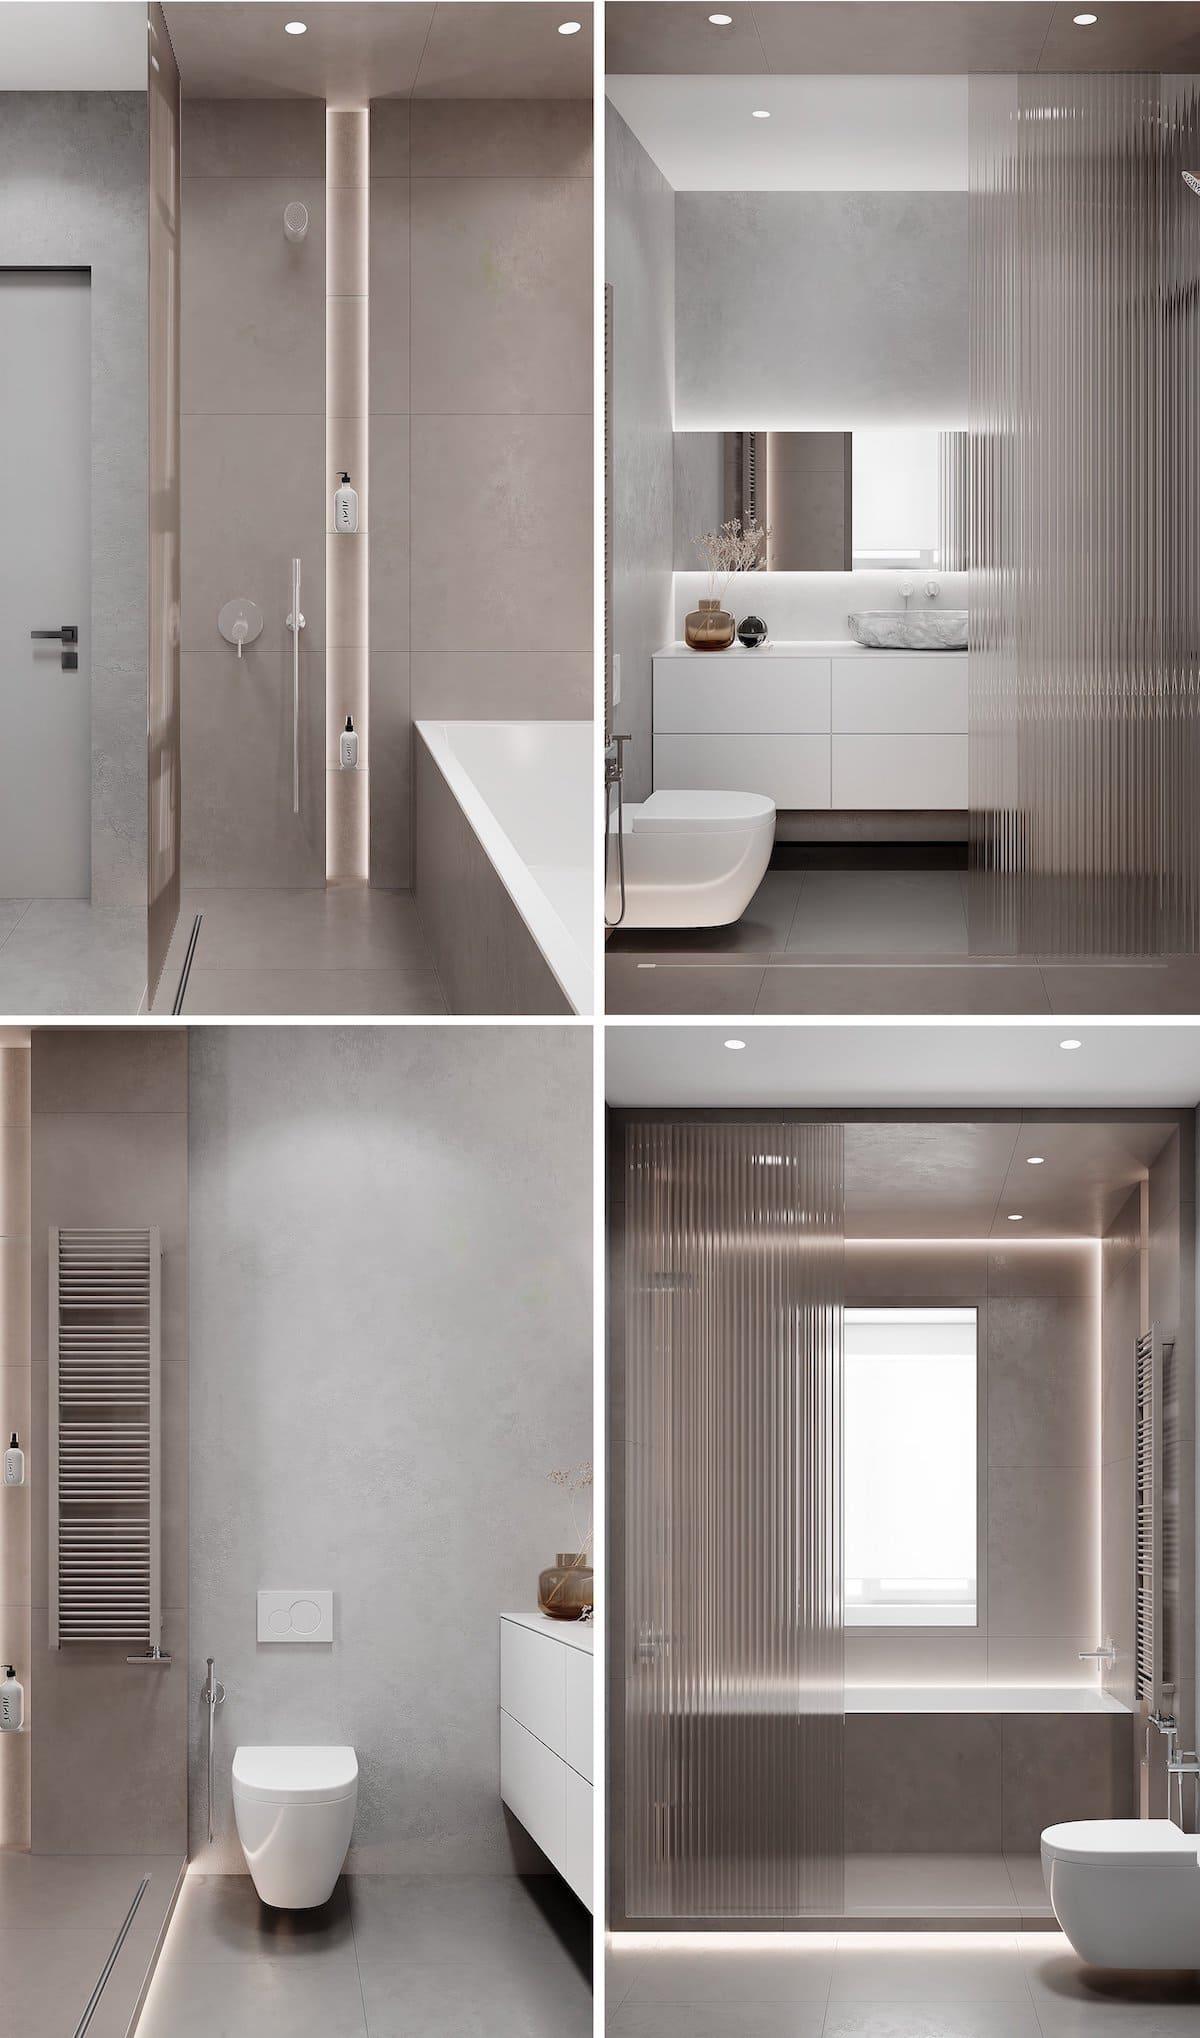 дизайн интерьера ванной комнаты фото 82